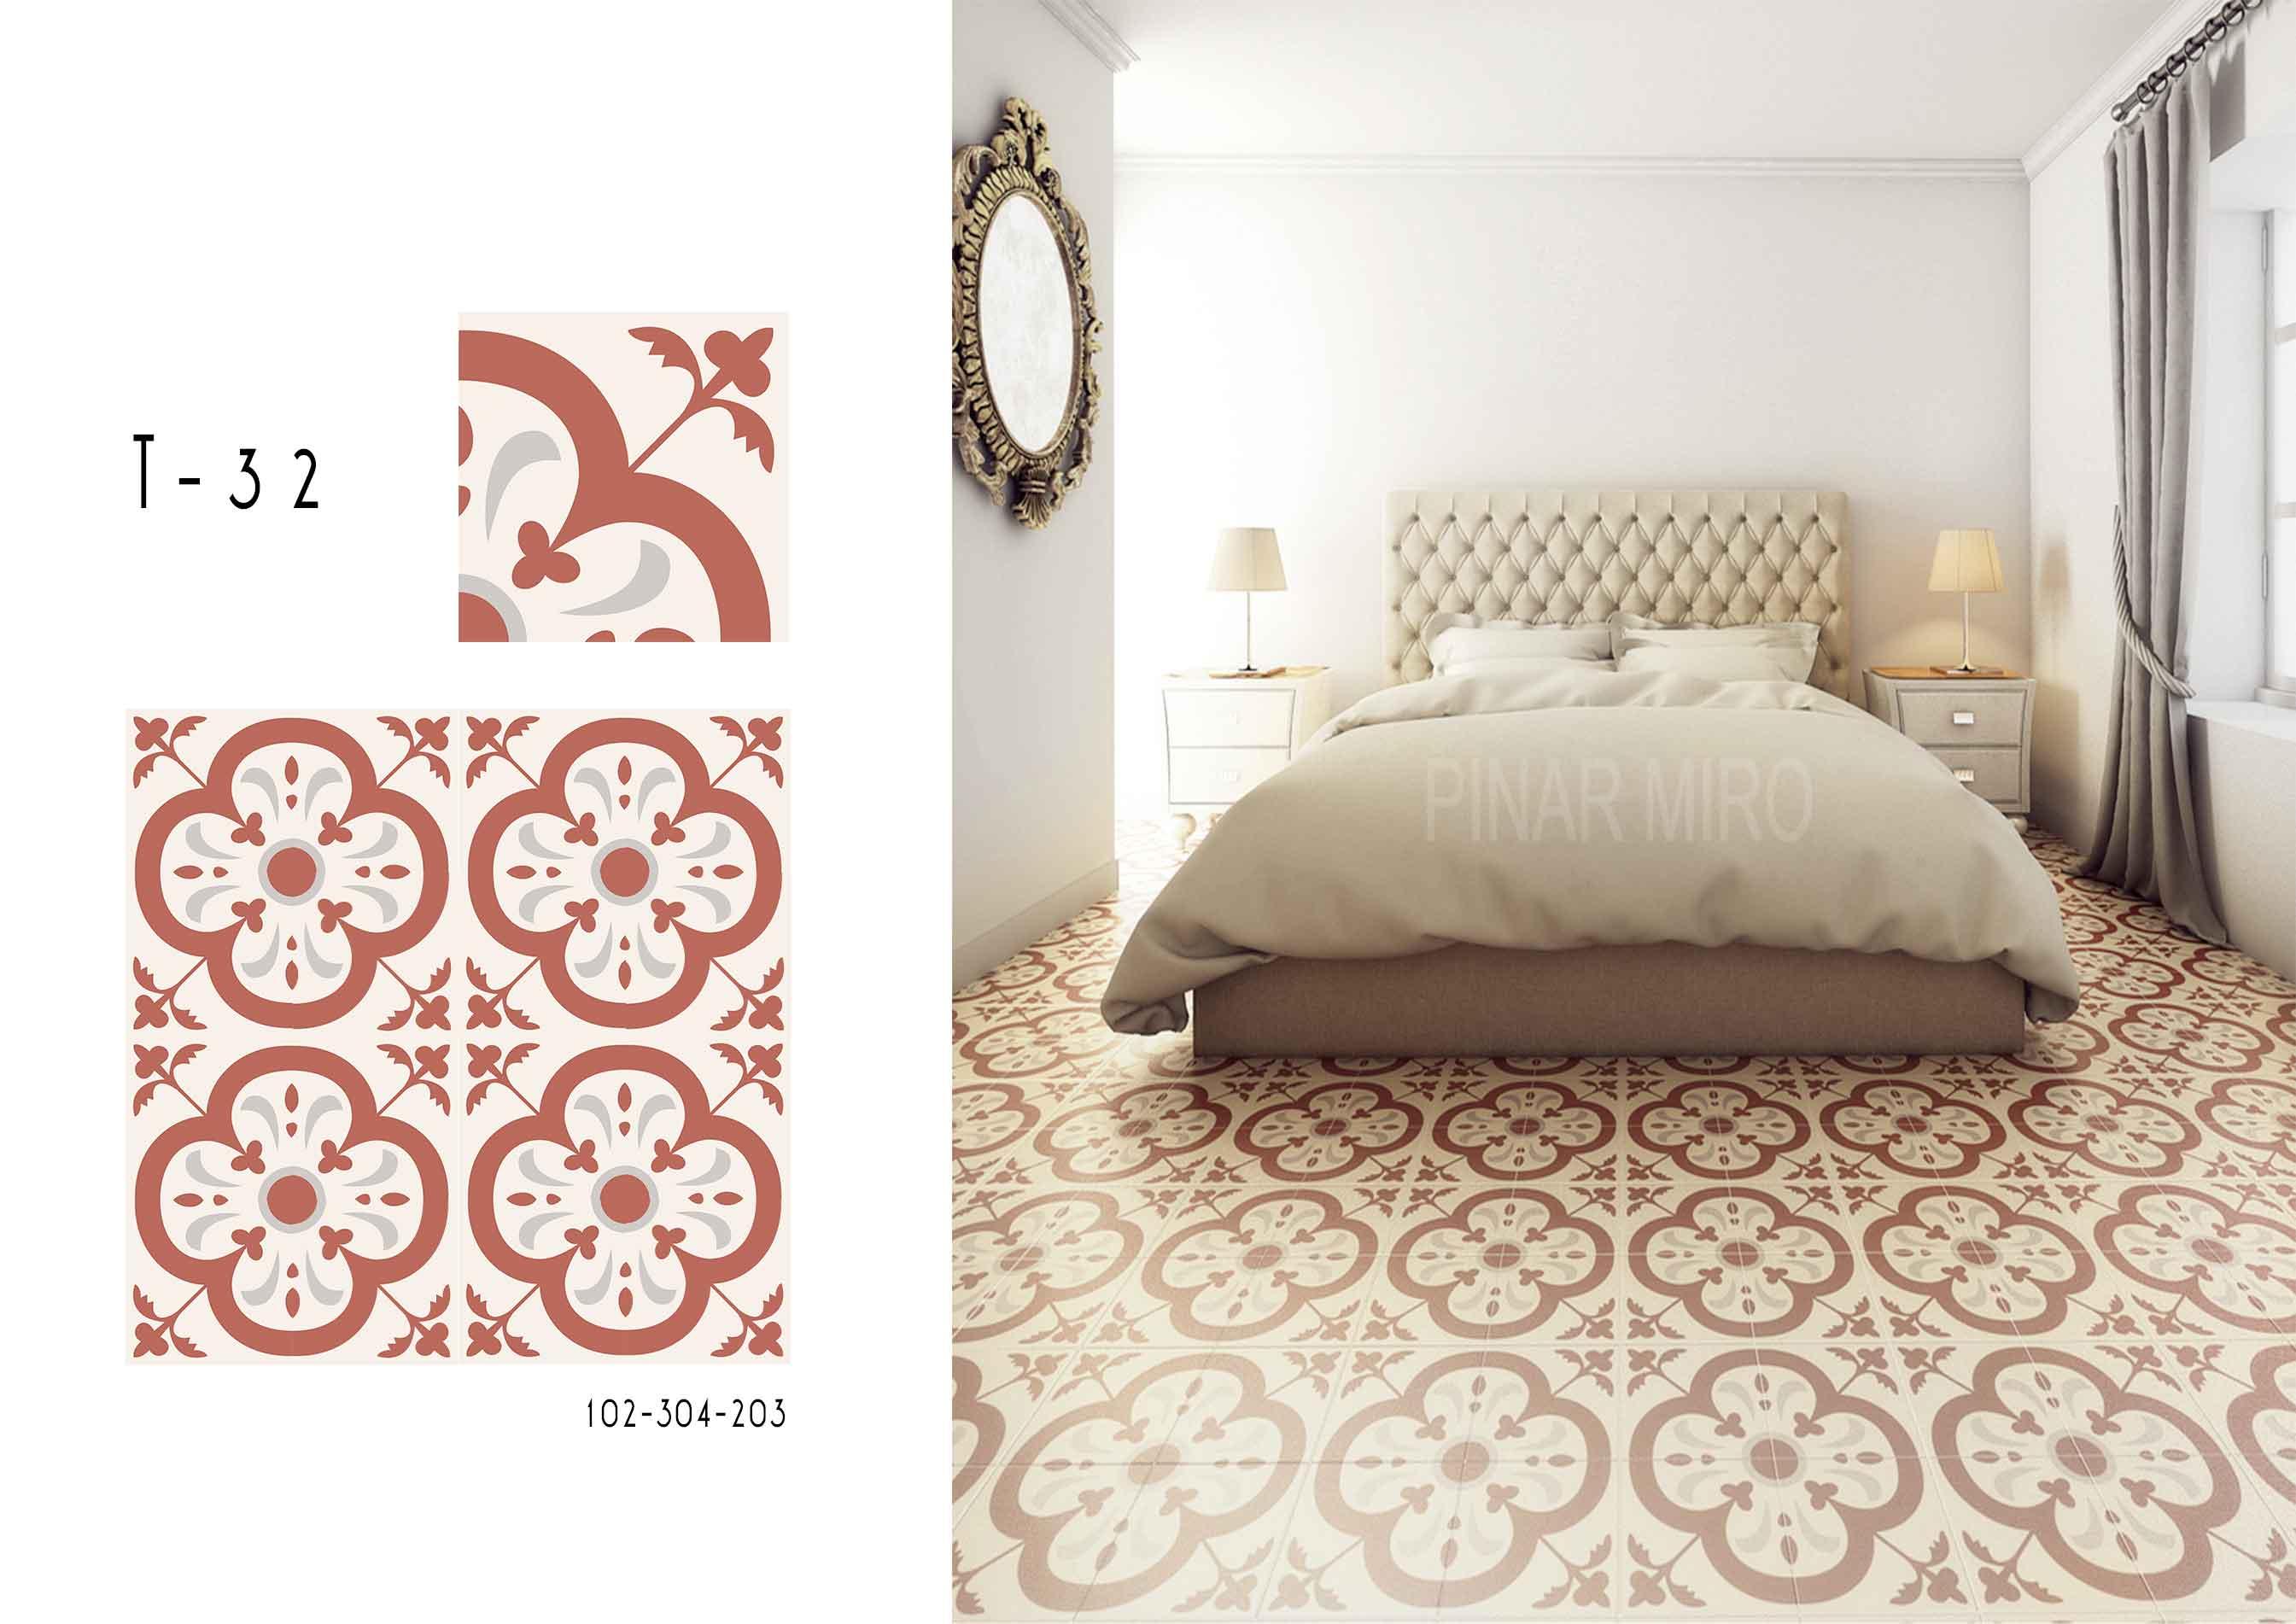 1t032-pinar-miro-cement-tiles